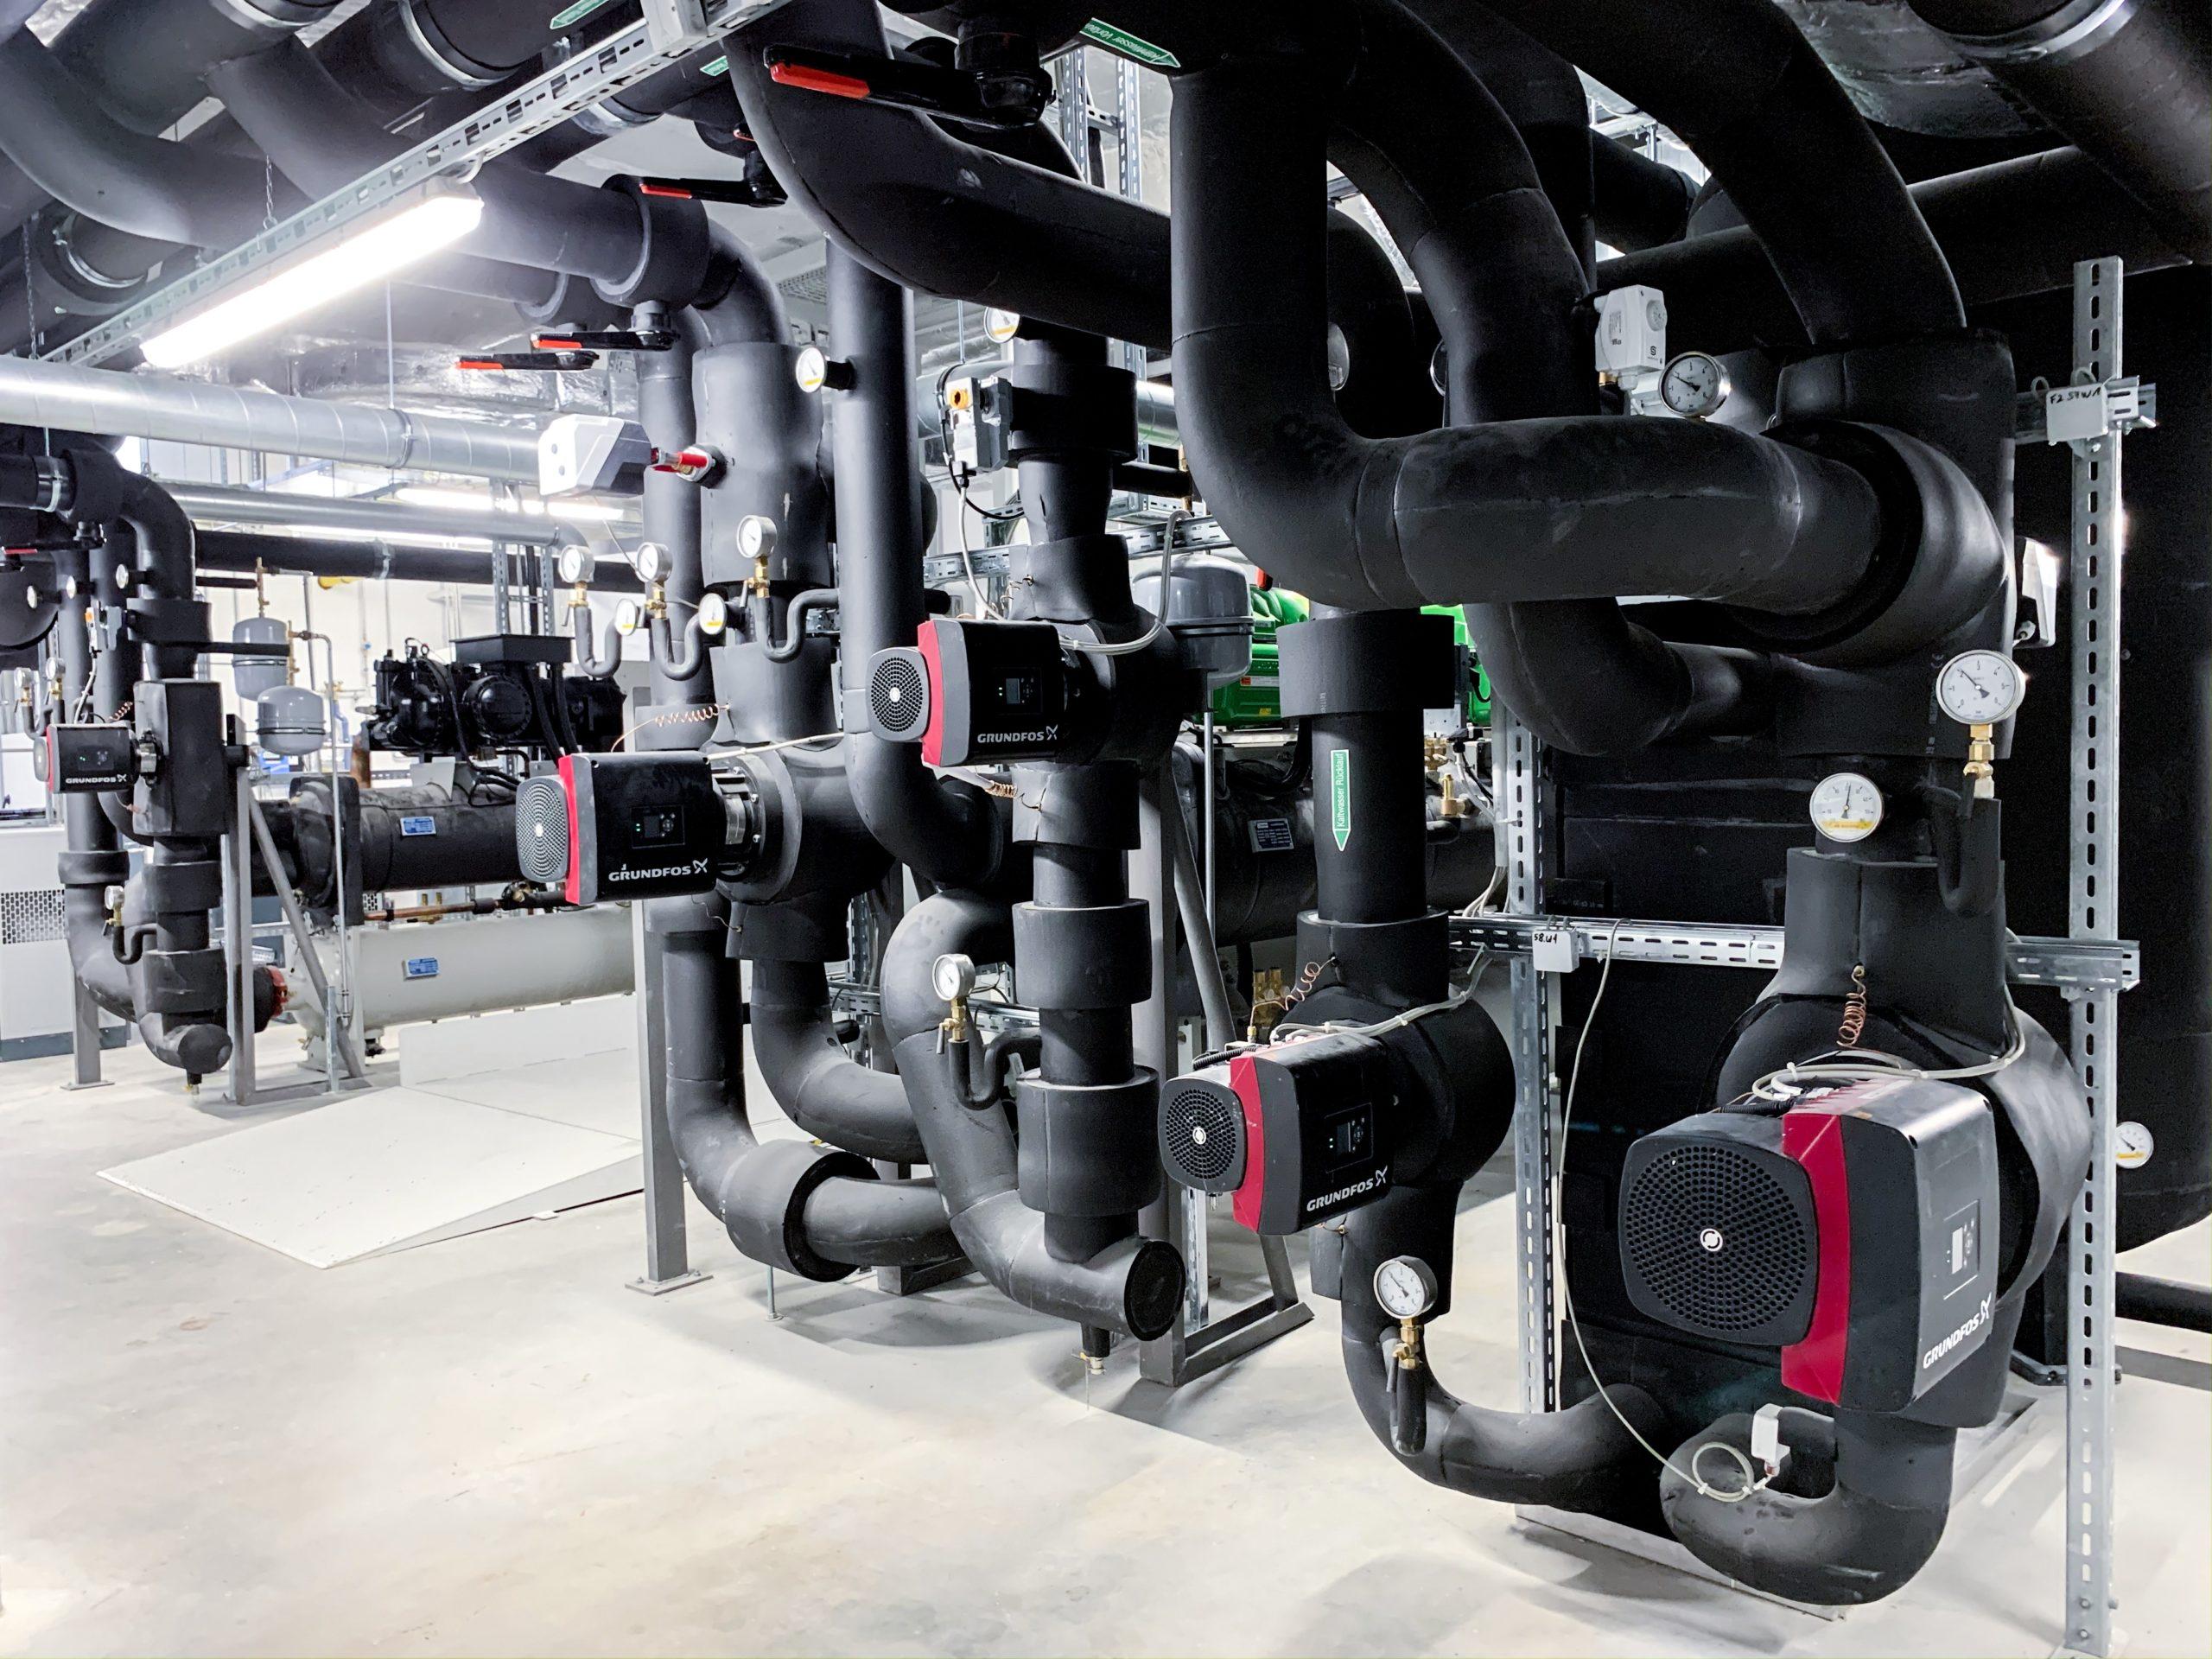 TÜV Süd in Heimsheim_Technikdetail_Verteiler mit Grundfos Pumpen